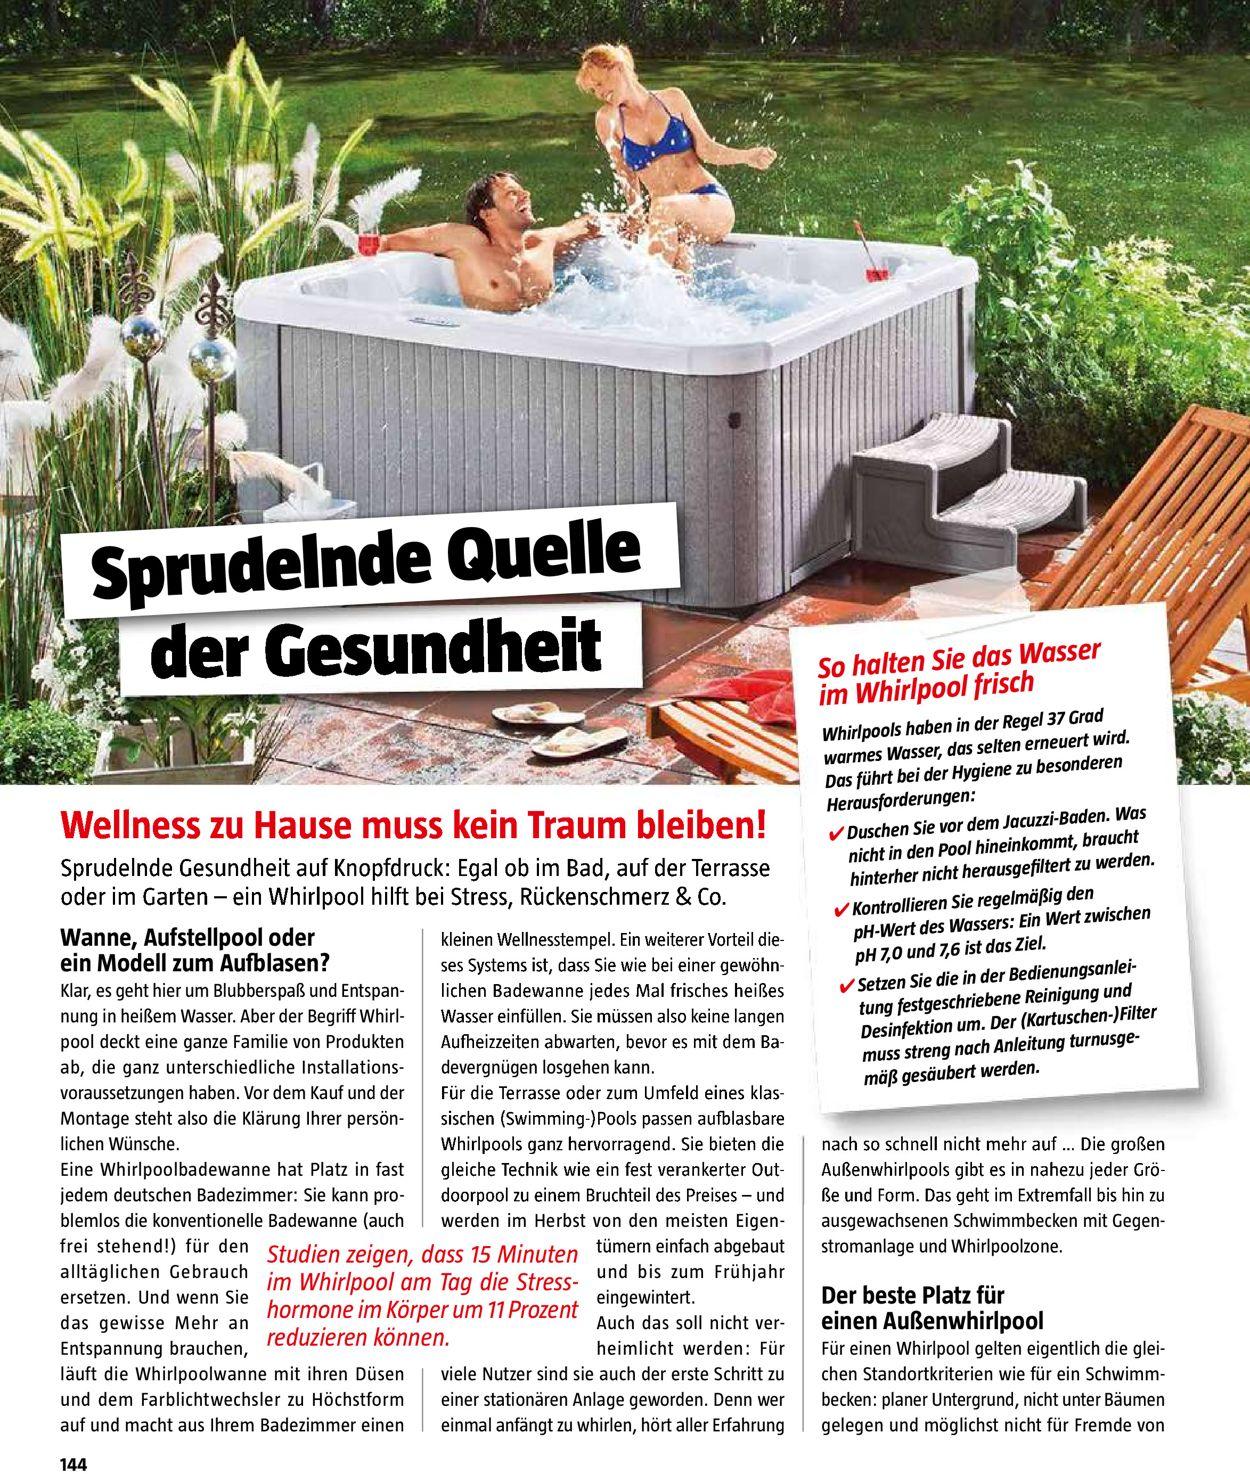 Full Size of Whirlpool Bauhaus Aufblasbar Intex Outdoor Garten Deutschland Miami Family Badewanne Angebot Lay Z Spa Aussen Aktueller Prospekt 0410 31012020 144 Jedewoche Wohnzimmer Whirlpool Bauhaus